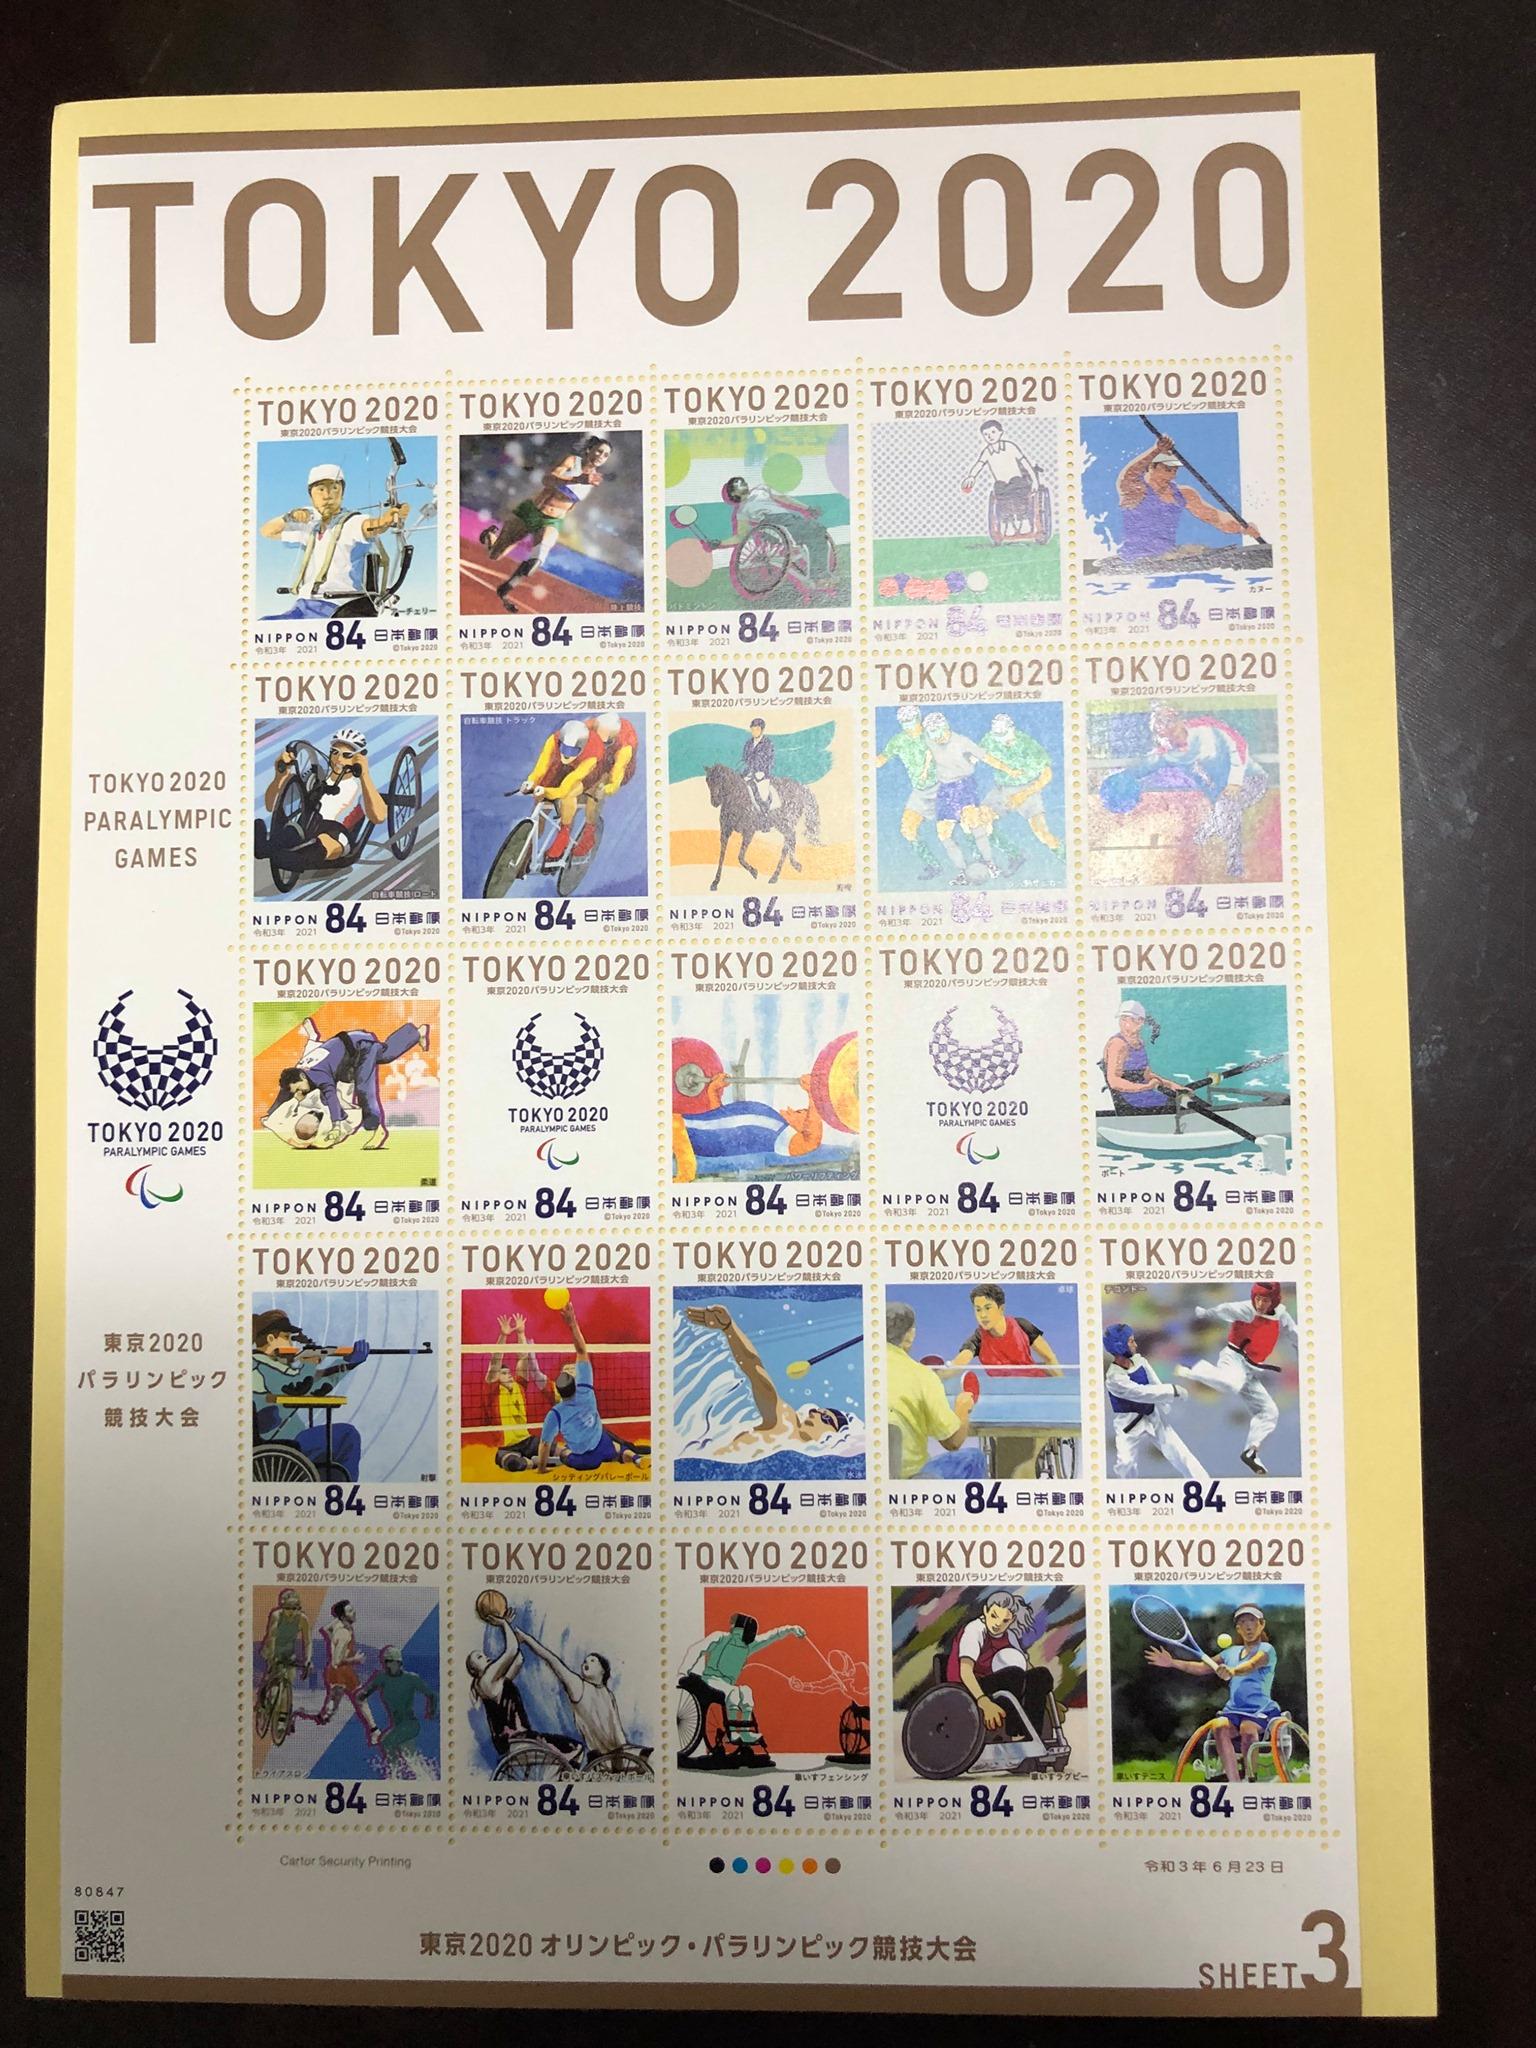 8月24日から「東京2020パラリンピック 」が開催されます。